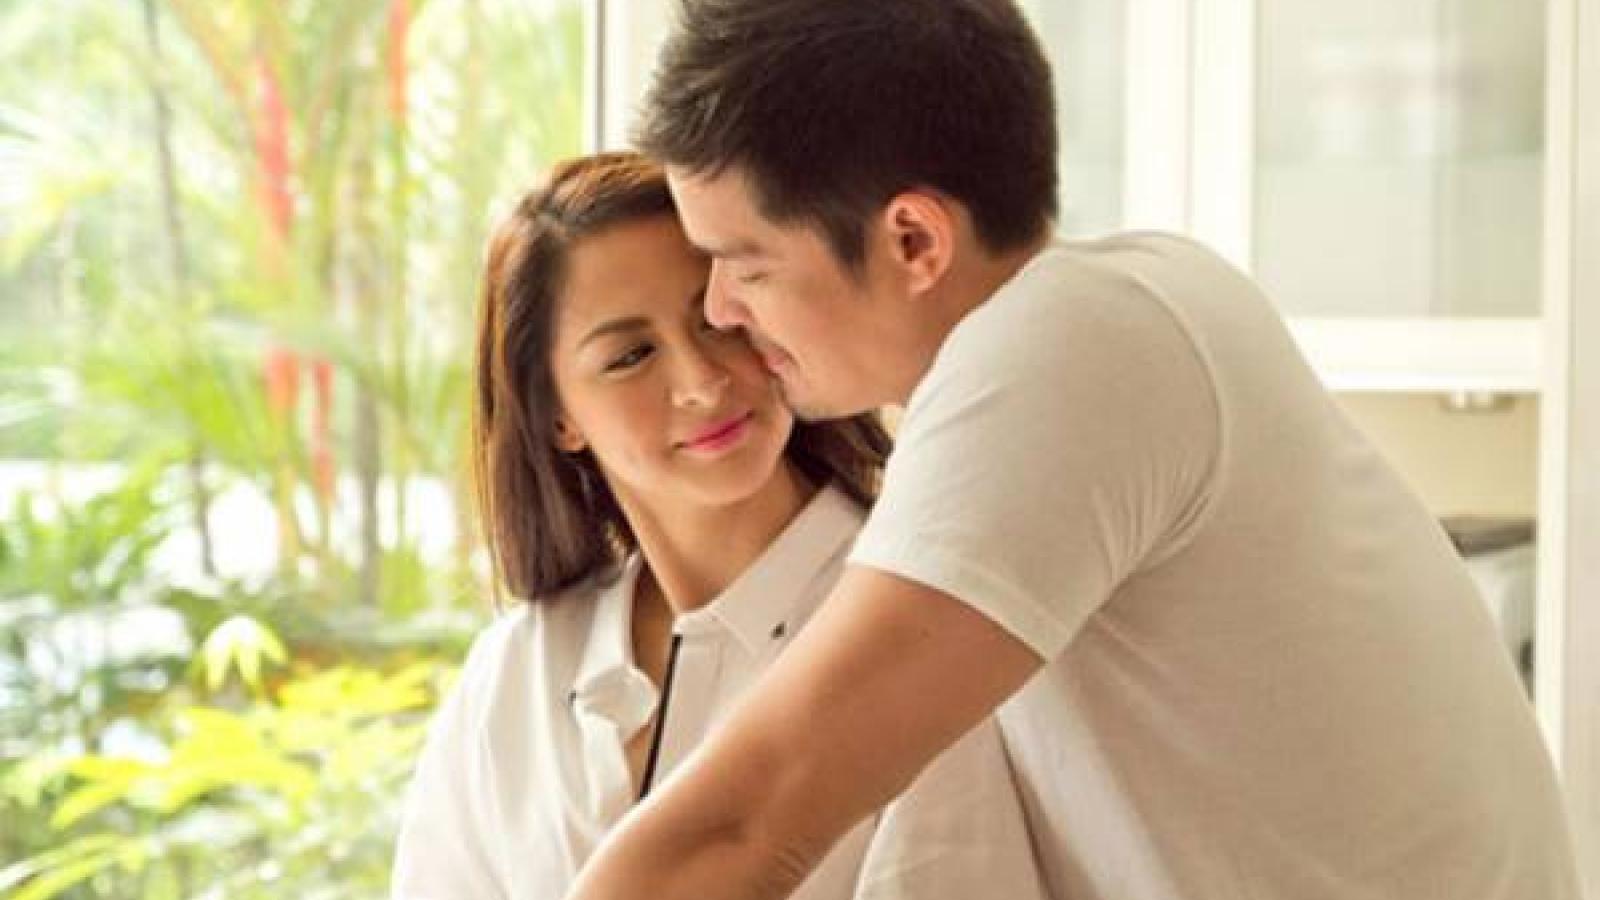 10 cách hay khiến vợ bạn hạnh phúc và yêu bạn nhiều hơn